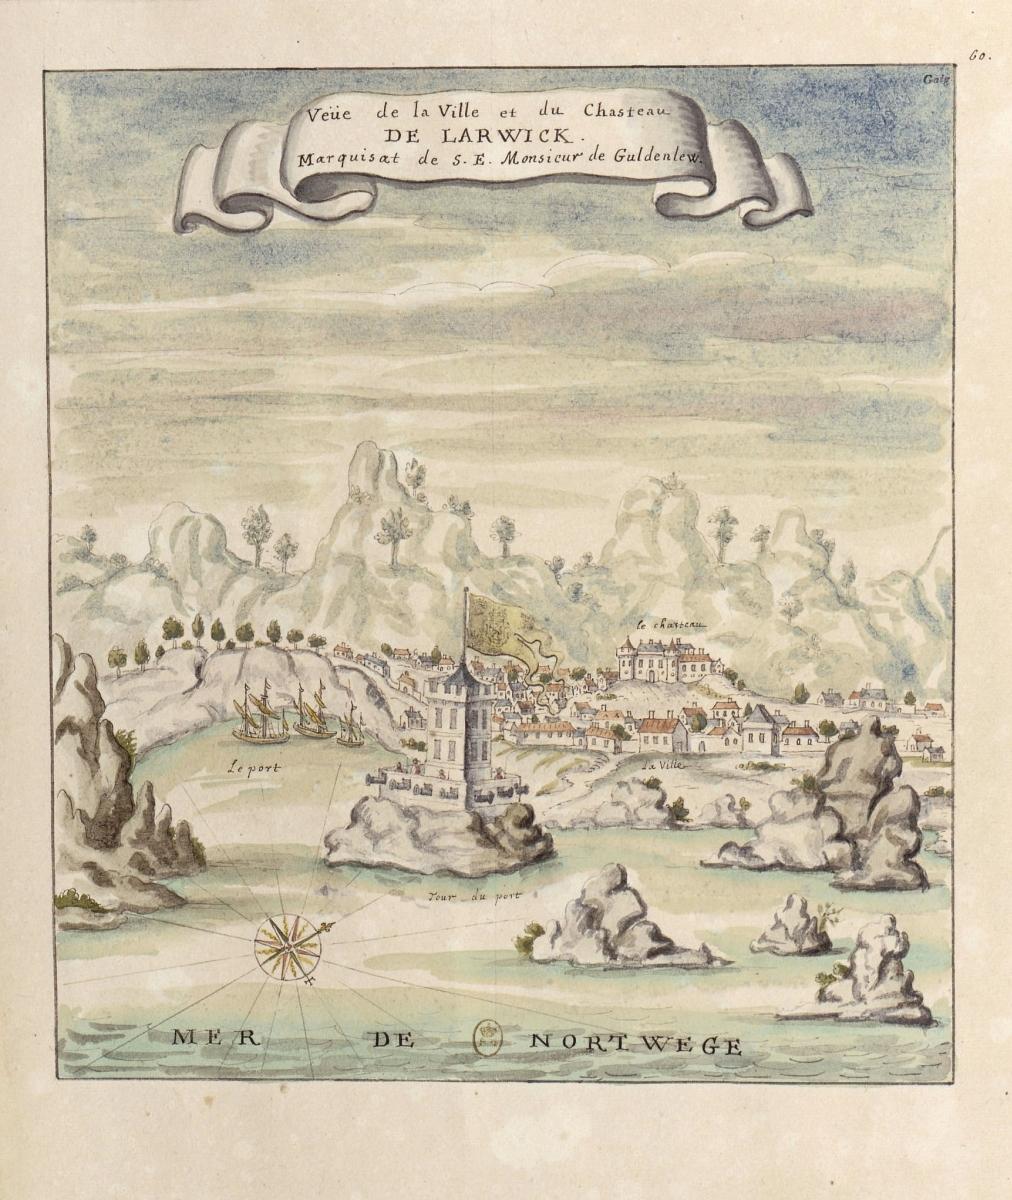 . «Veue de la Ville et du Cha‑ steau de Larwick Marquisat de S.E.Monsieur de Guldenlew».